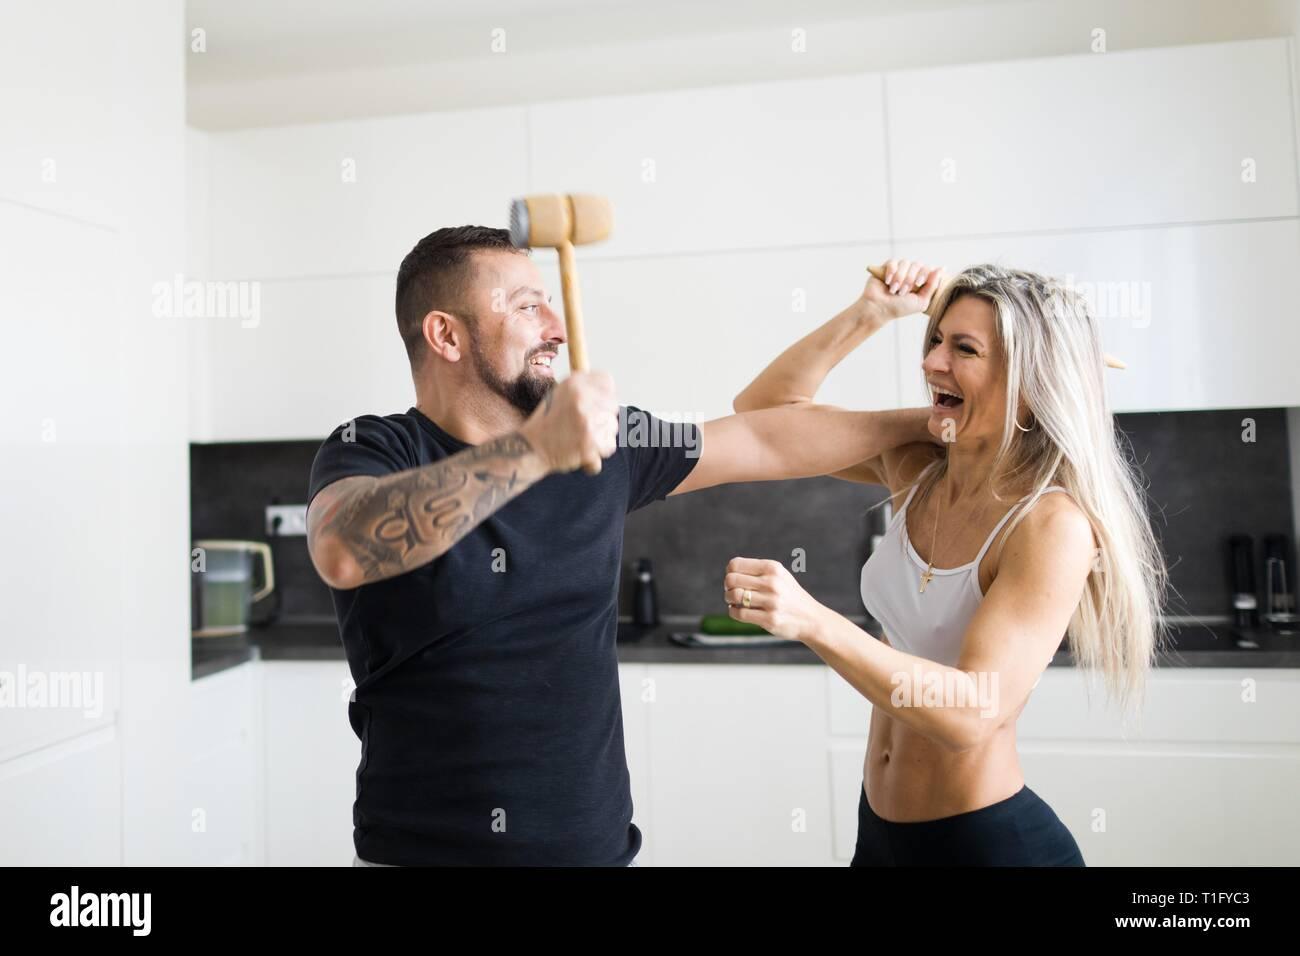 El esposo y la esposa de enfrentamiento en cocina con rodillo de masa y carne Mallet. Divertirse juntos. Imagen De Stock